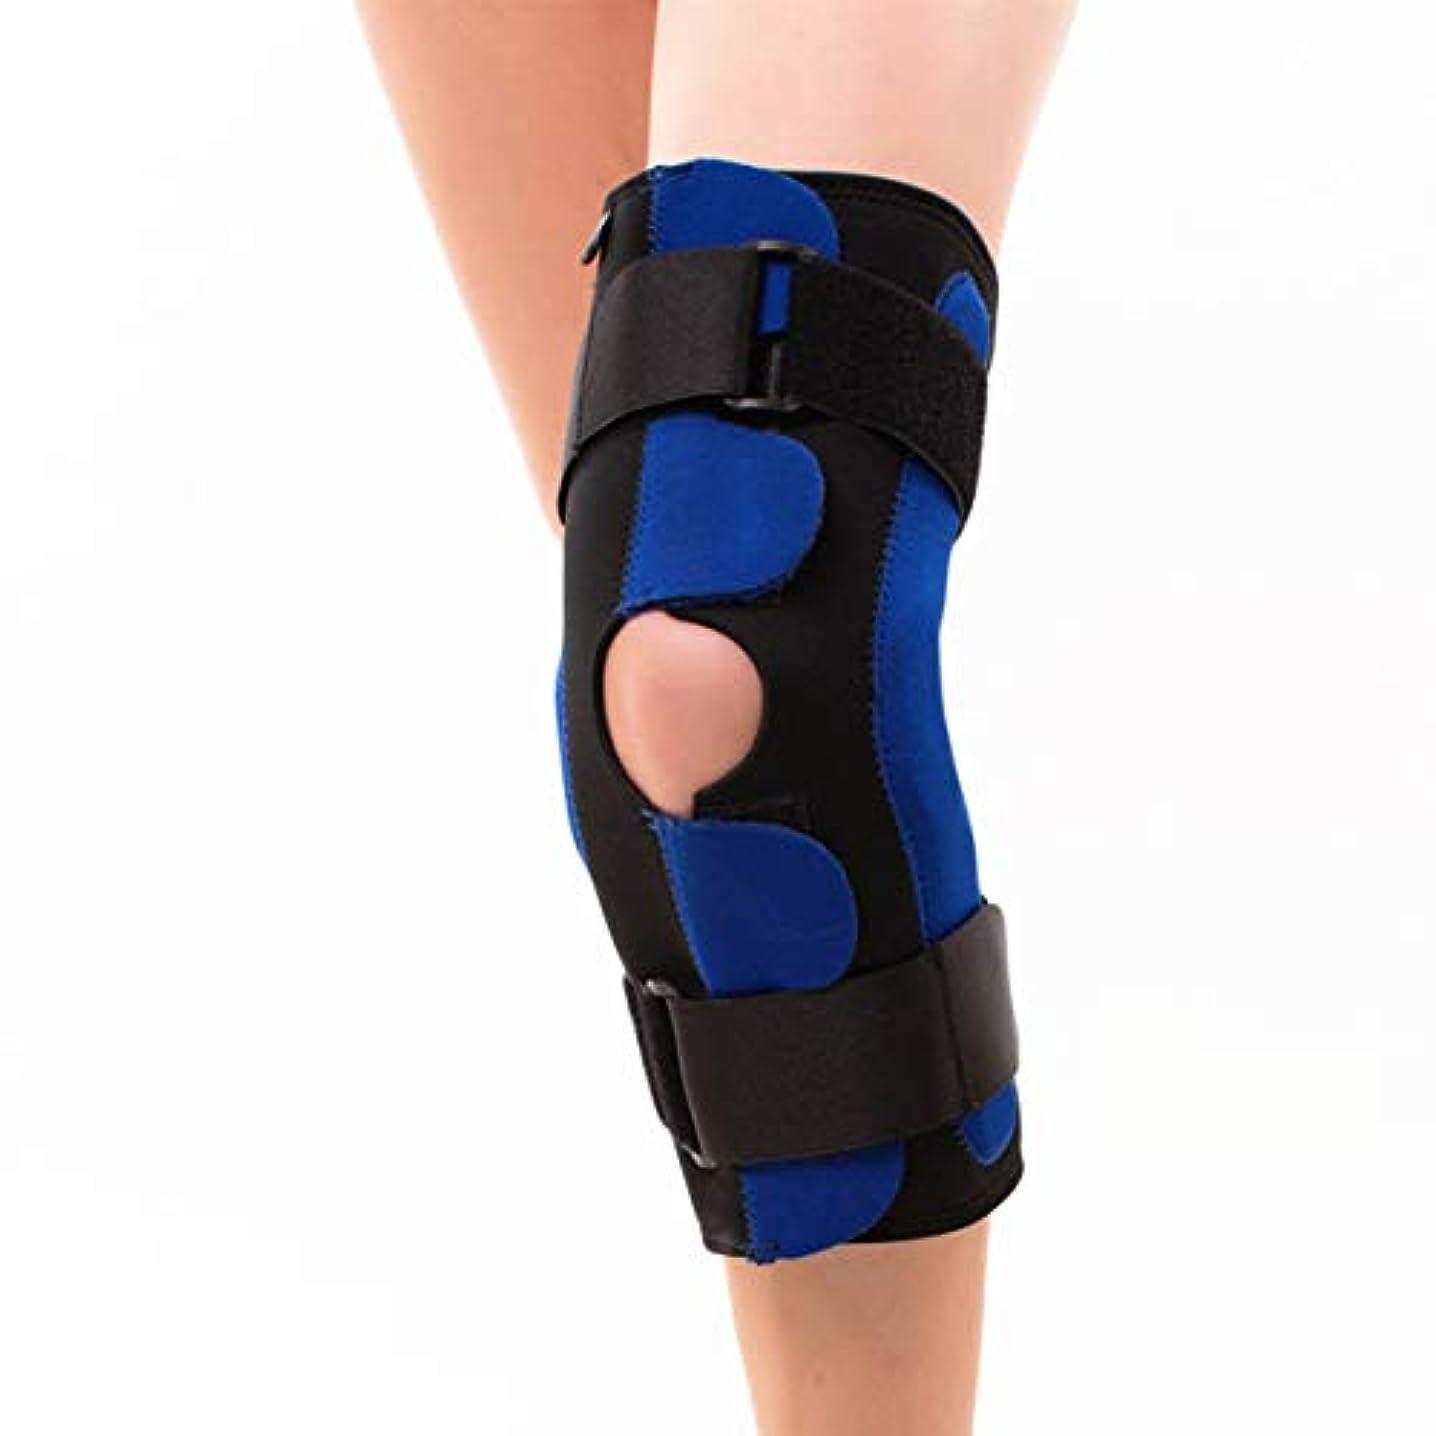 系統的同盟等屋外スポーツ膝パッド膝鋼サポートバークライミングスポーツ安全膝ブレースフィットネス保護パーツ-ブラックL